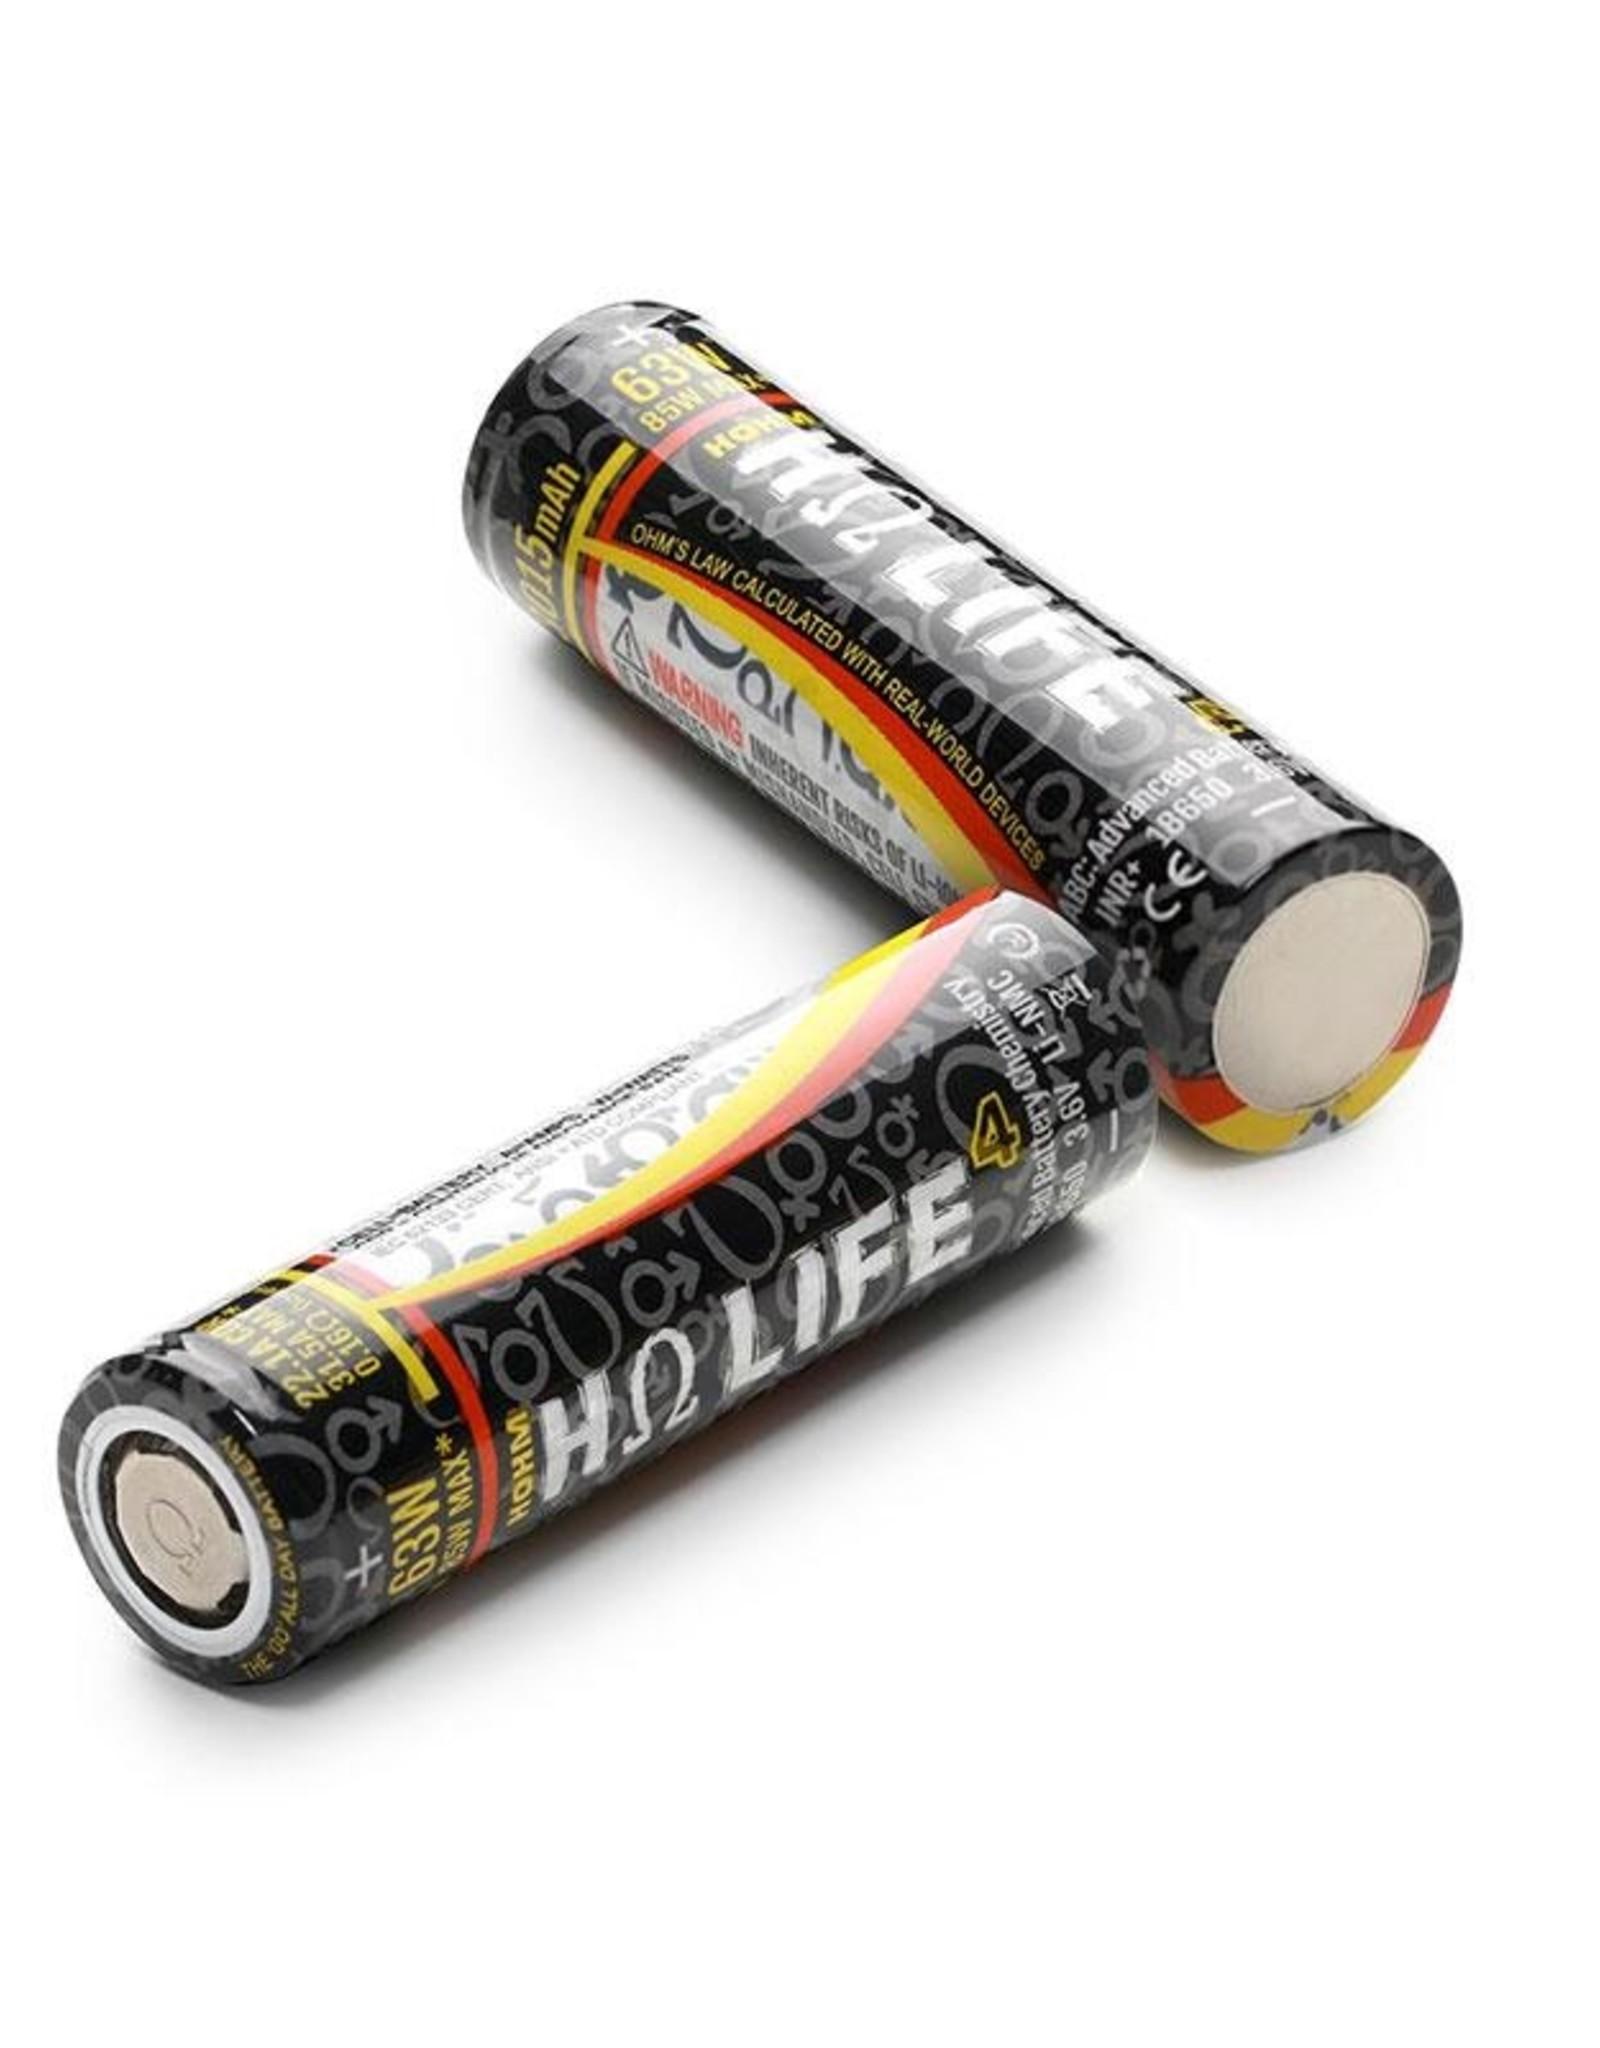 HohmTech Hohm Tech Life 18650 3015mAh 22.1A Battery